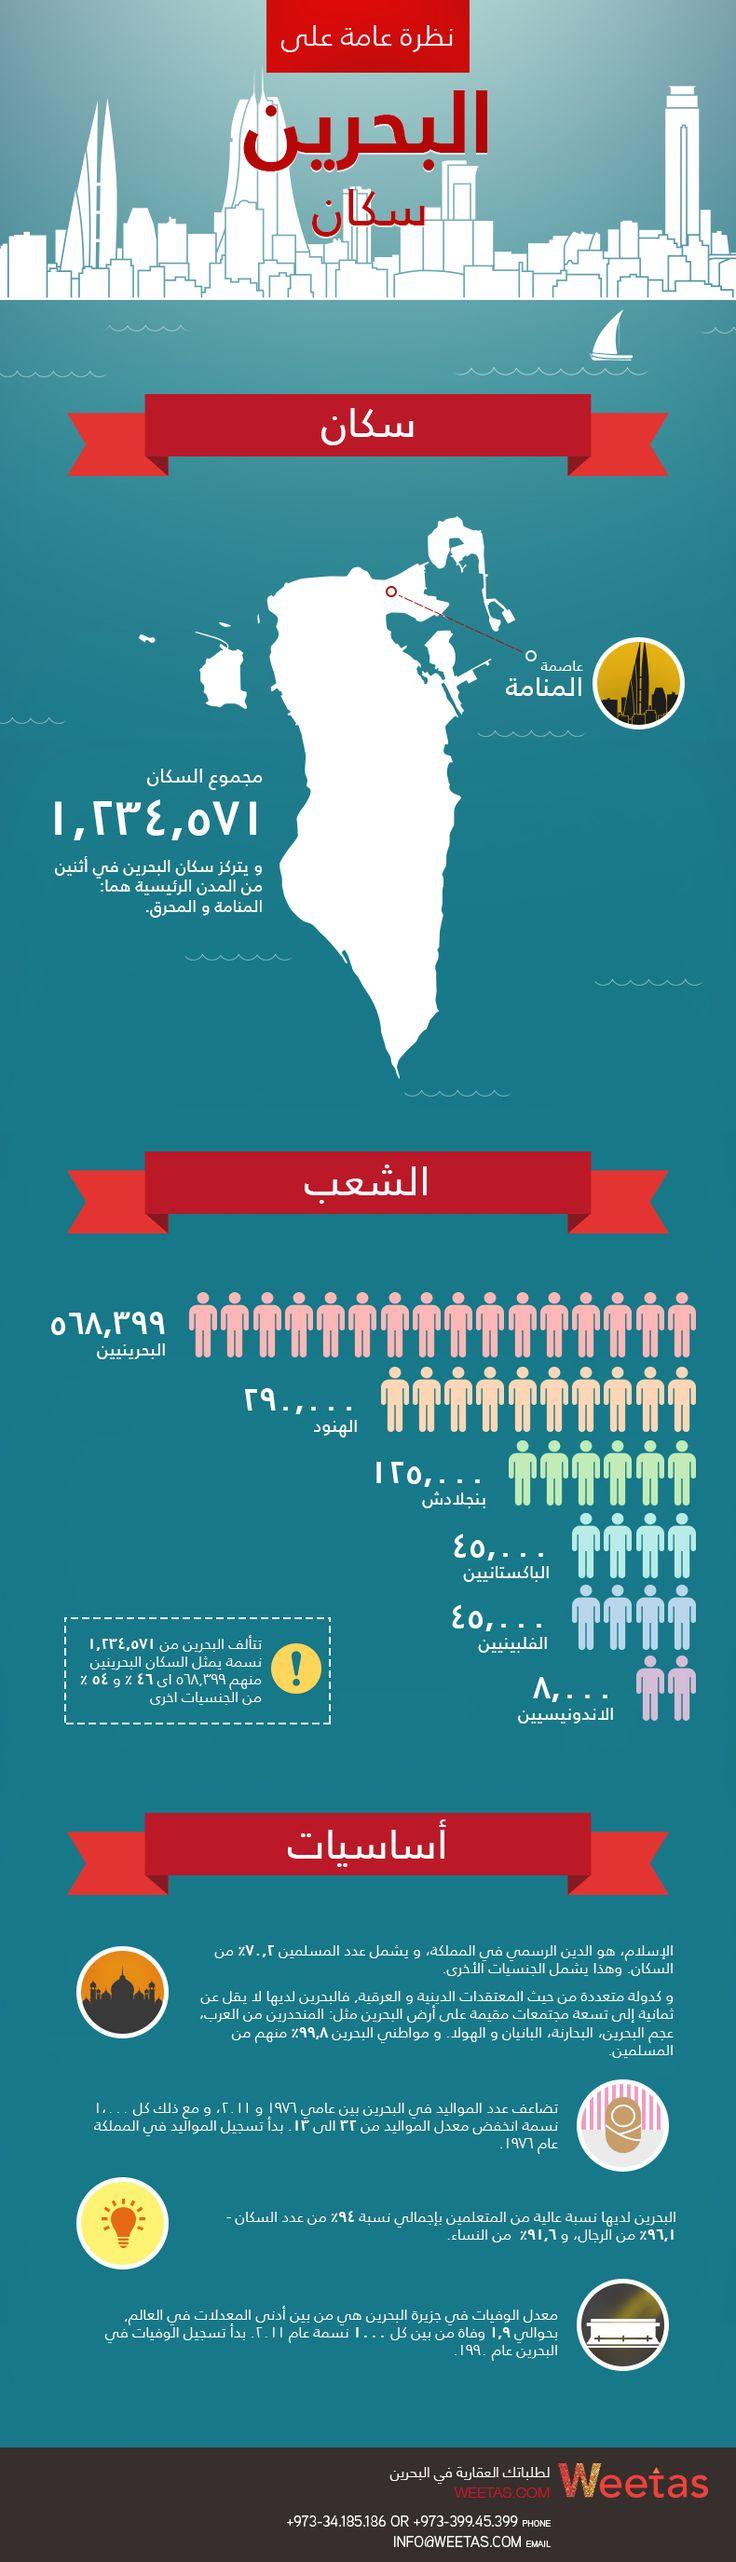 #انفوجرافيك نظرة عامة على سكان البحرين البحرين هي عبارة عن جزيرة تقع في الخليج الفارسي و يبلغ عدد سكان البحرين 1,234,571 نسمة.للمزيد.. https://blog.weetas.com/ar/overview-bahrain-population-infographic-arv/ no plus ones